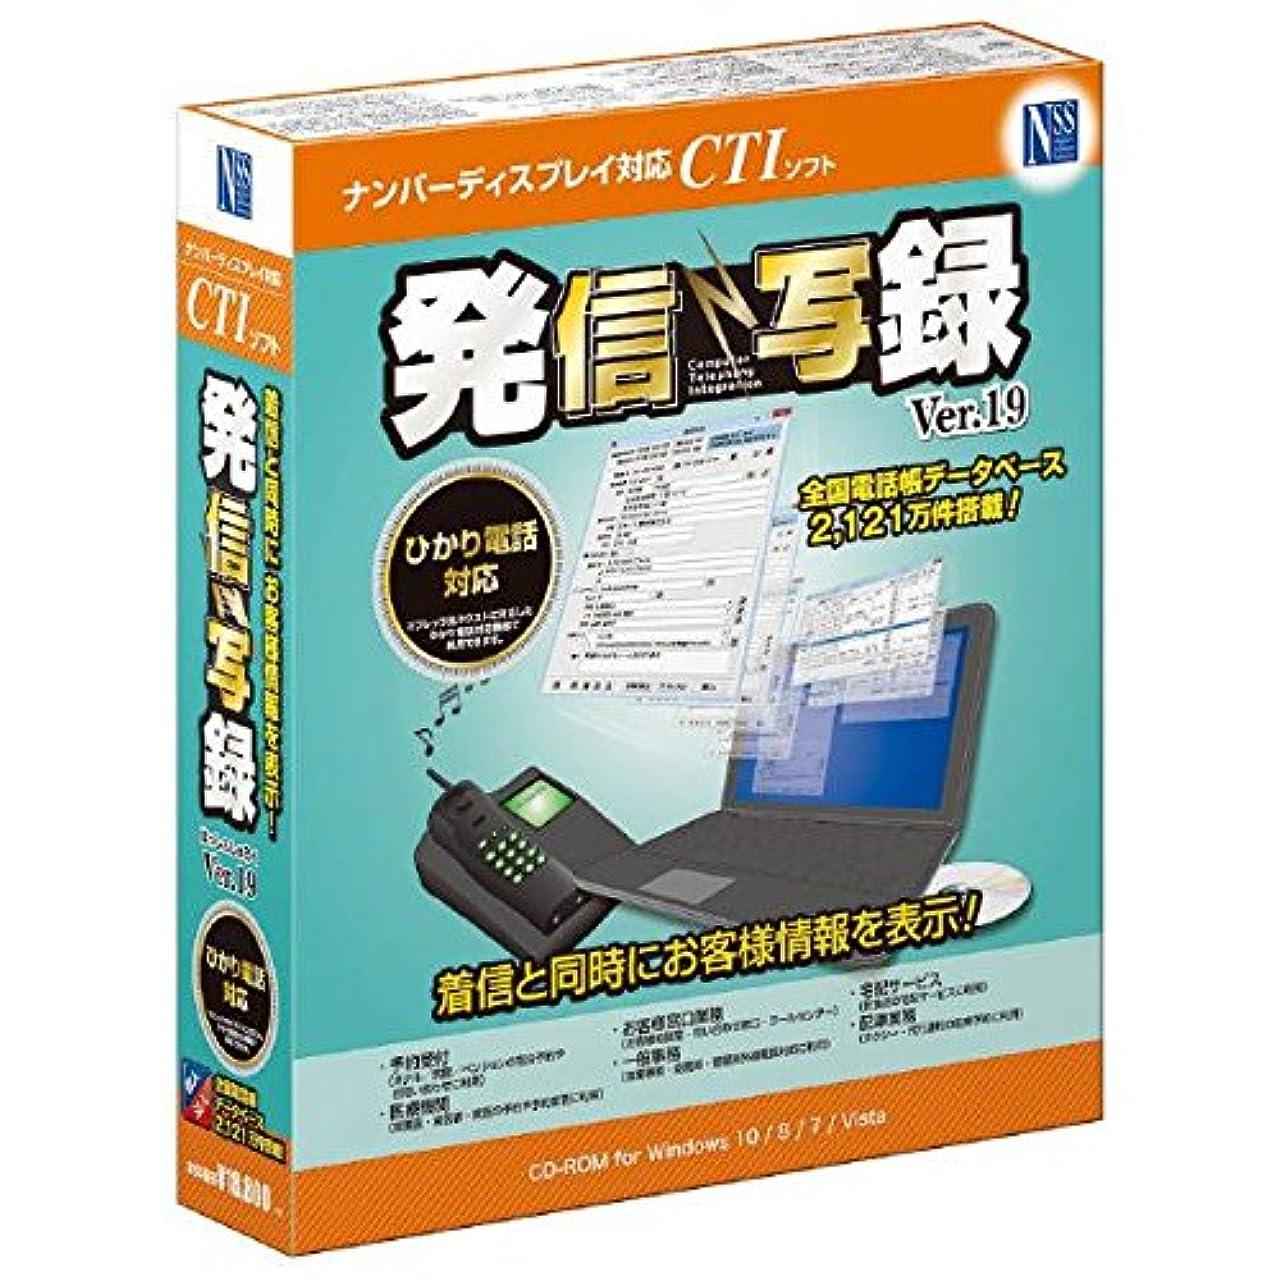 関係するかろうじて通知する日本ソフト販売 発信写録 Ver.19